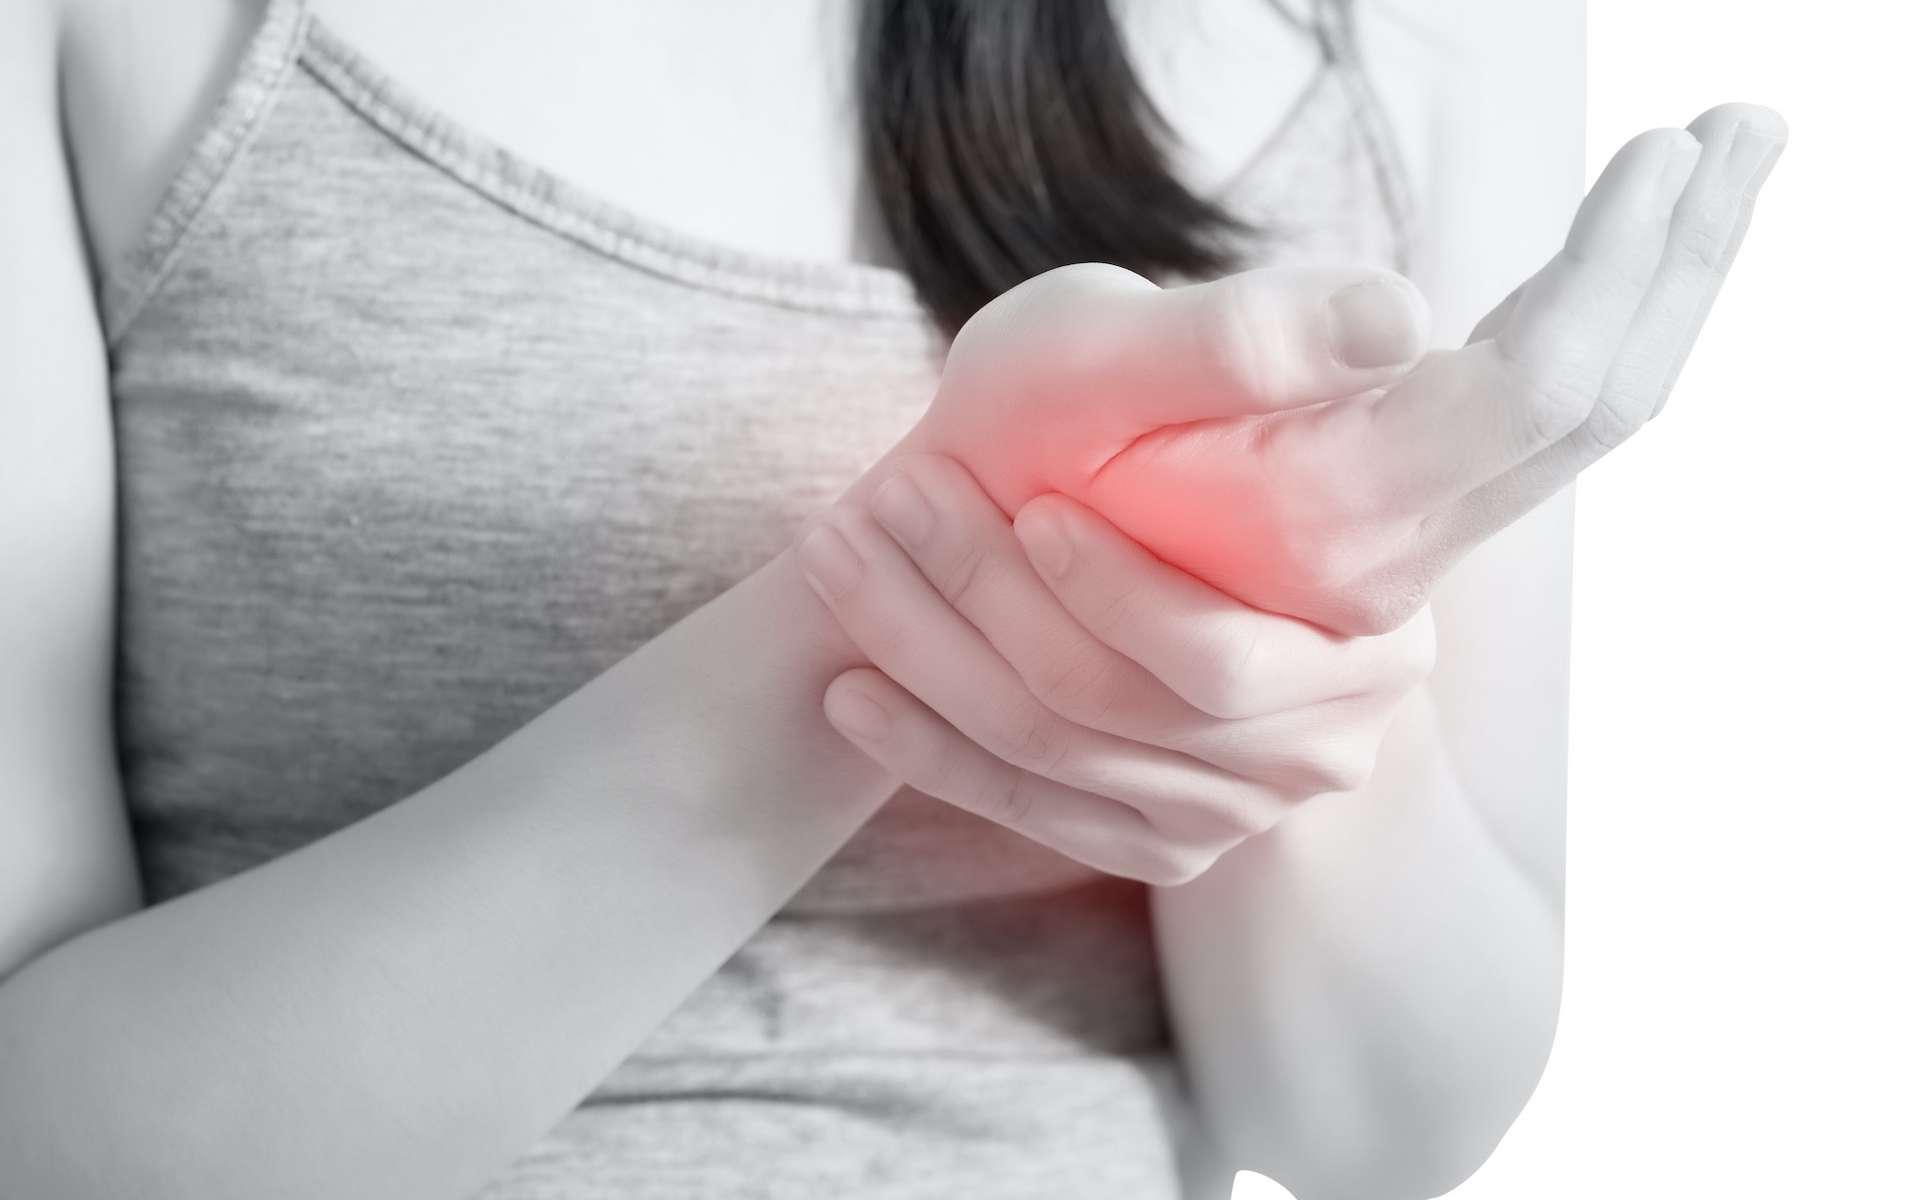 L'algodystrophie est une des principales complications en chirurgie de la main et du poignet. © chatchai, Adobe Stock